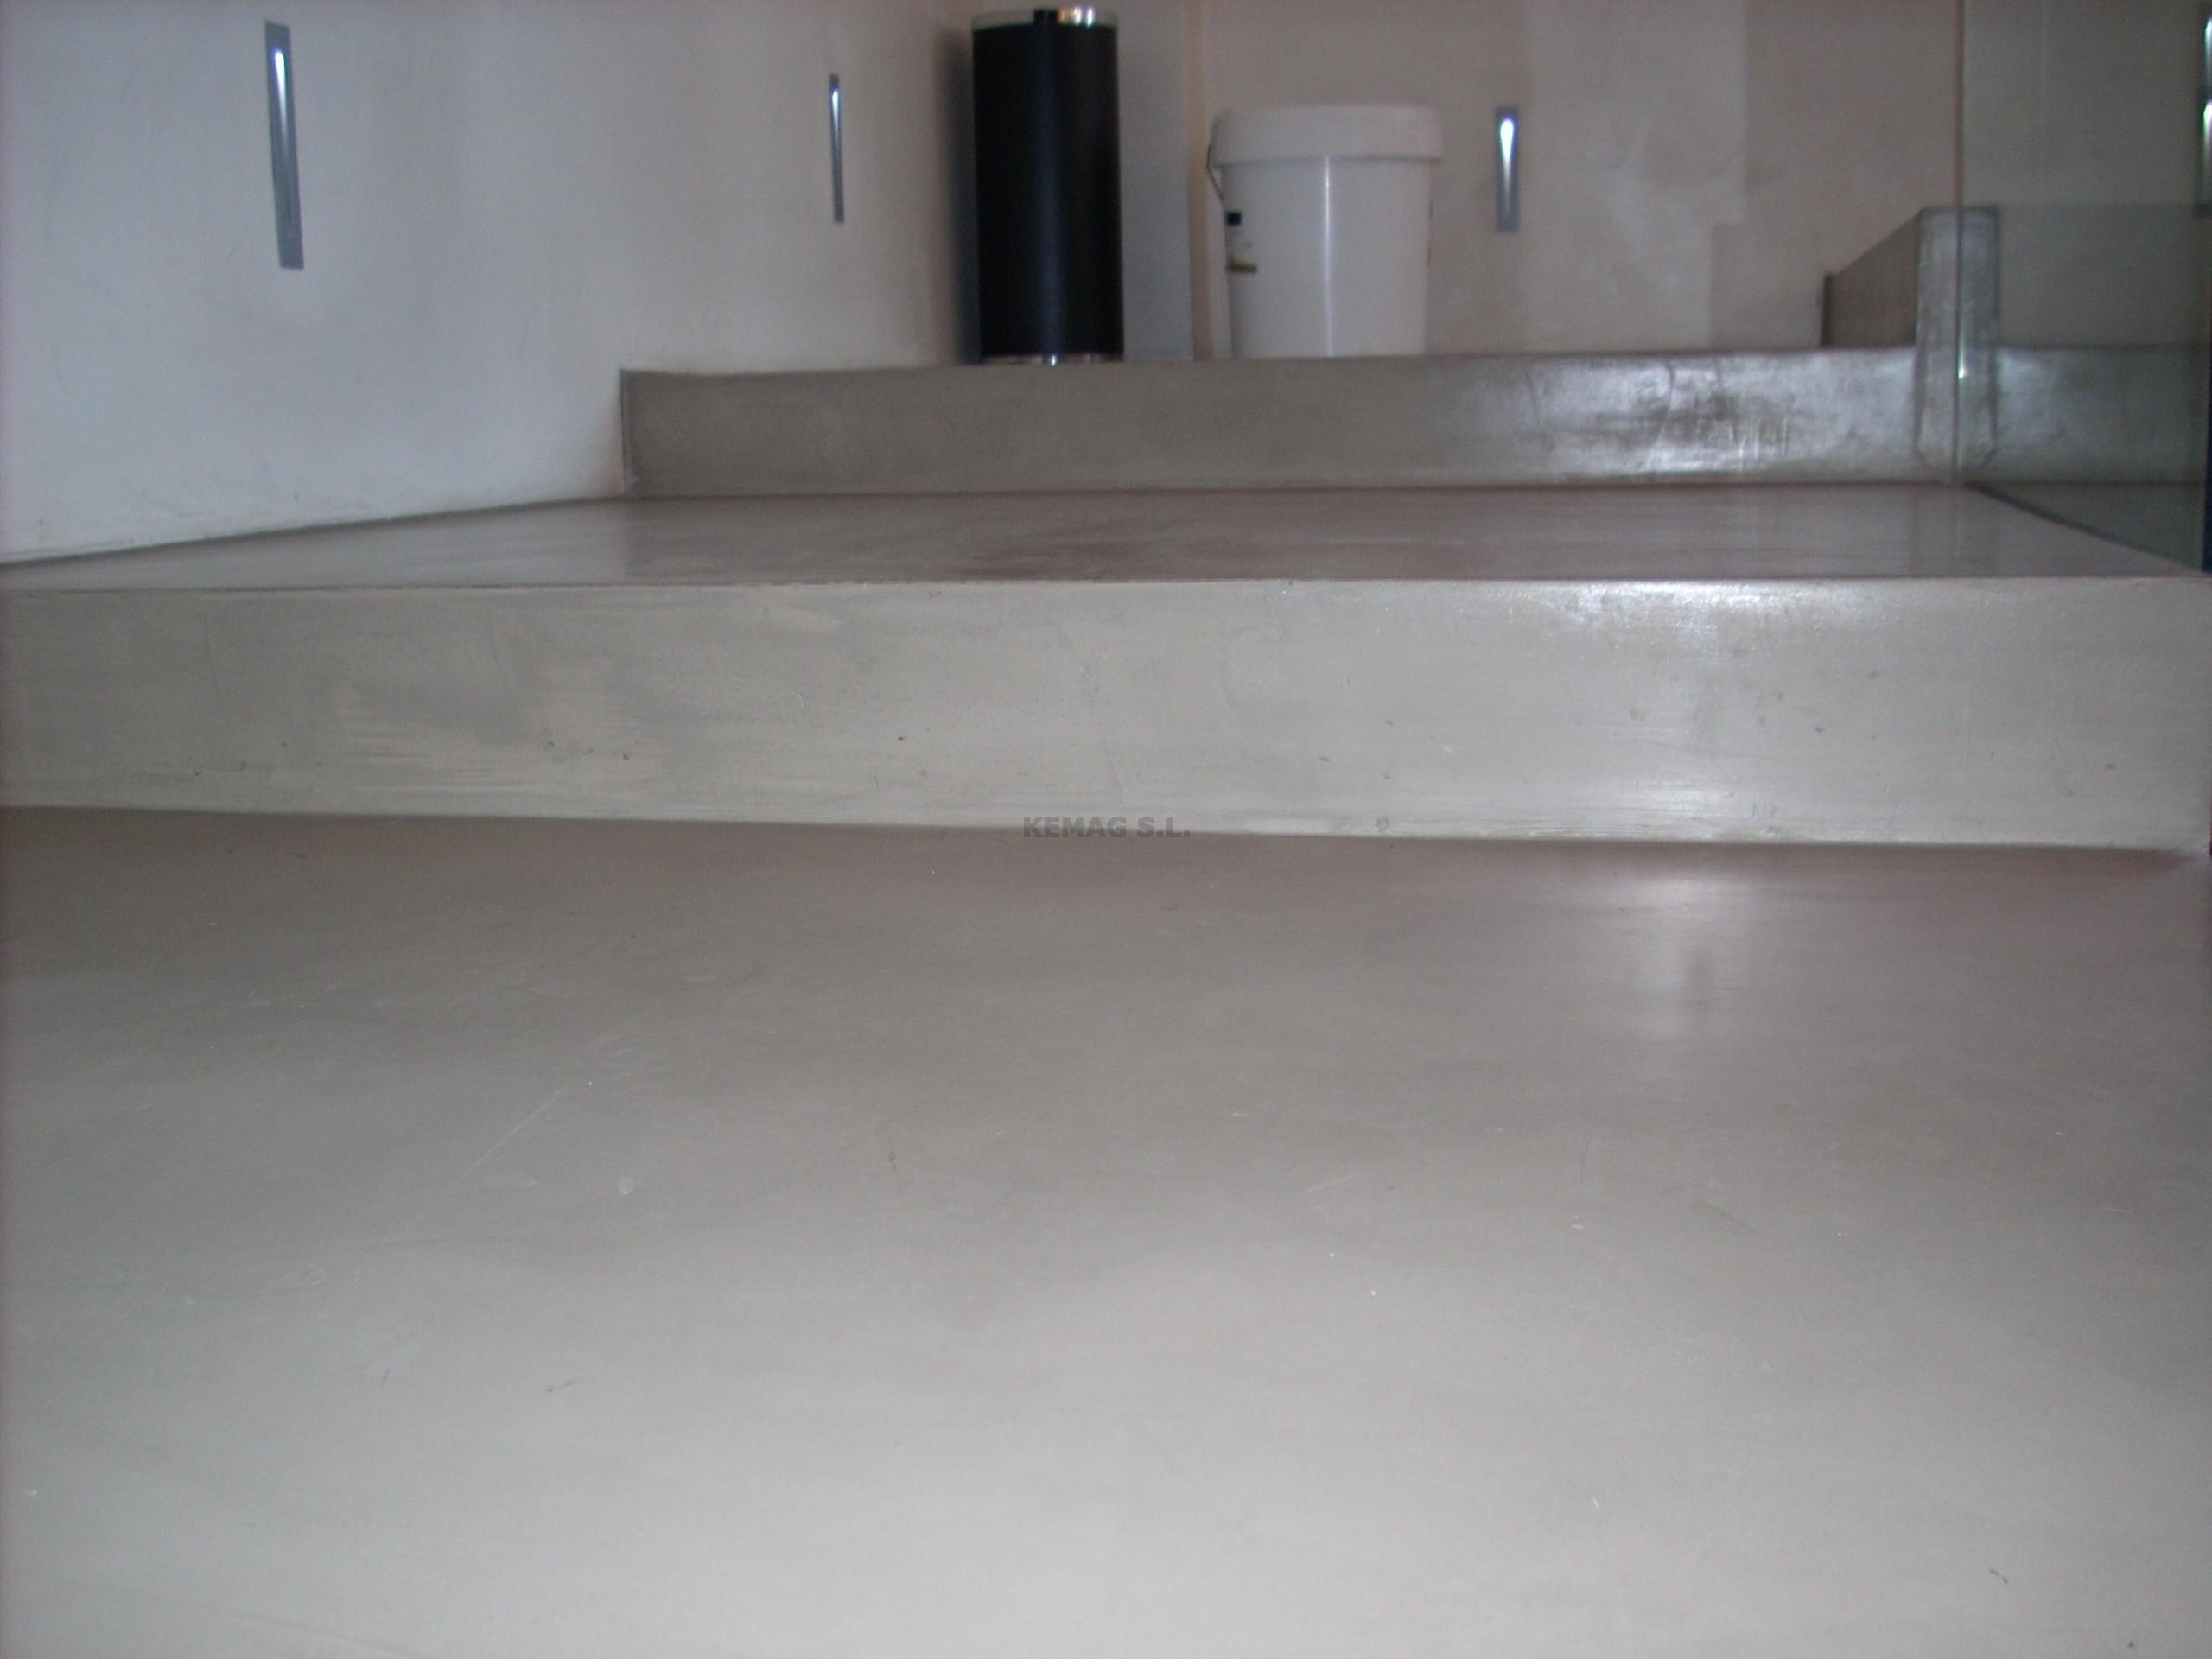 Preparar suelo para capa acabado de microcemento kemag - Microcemento que es ...